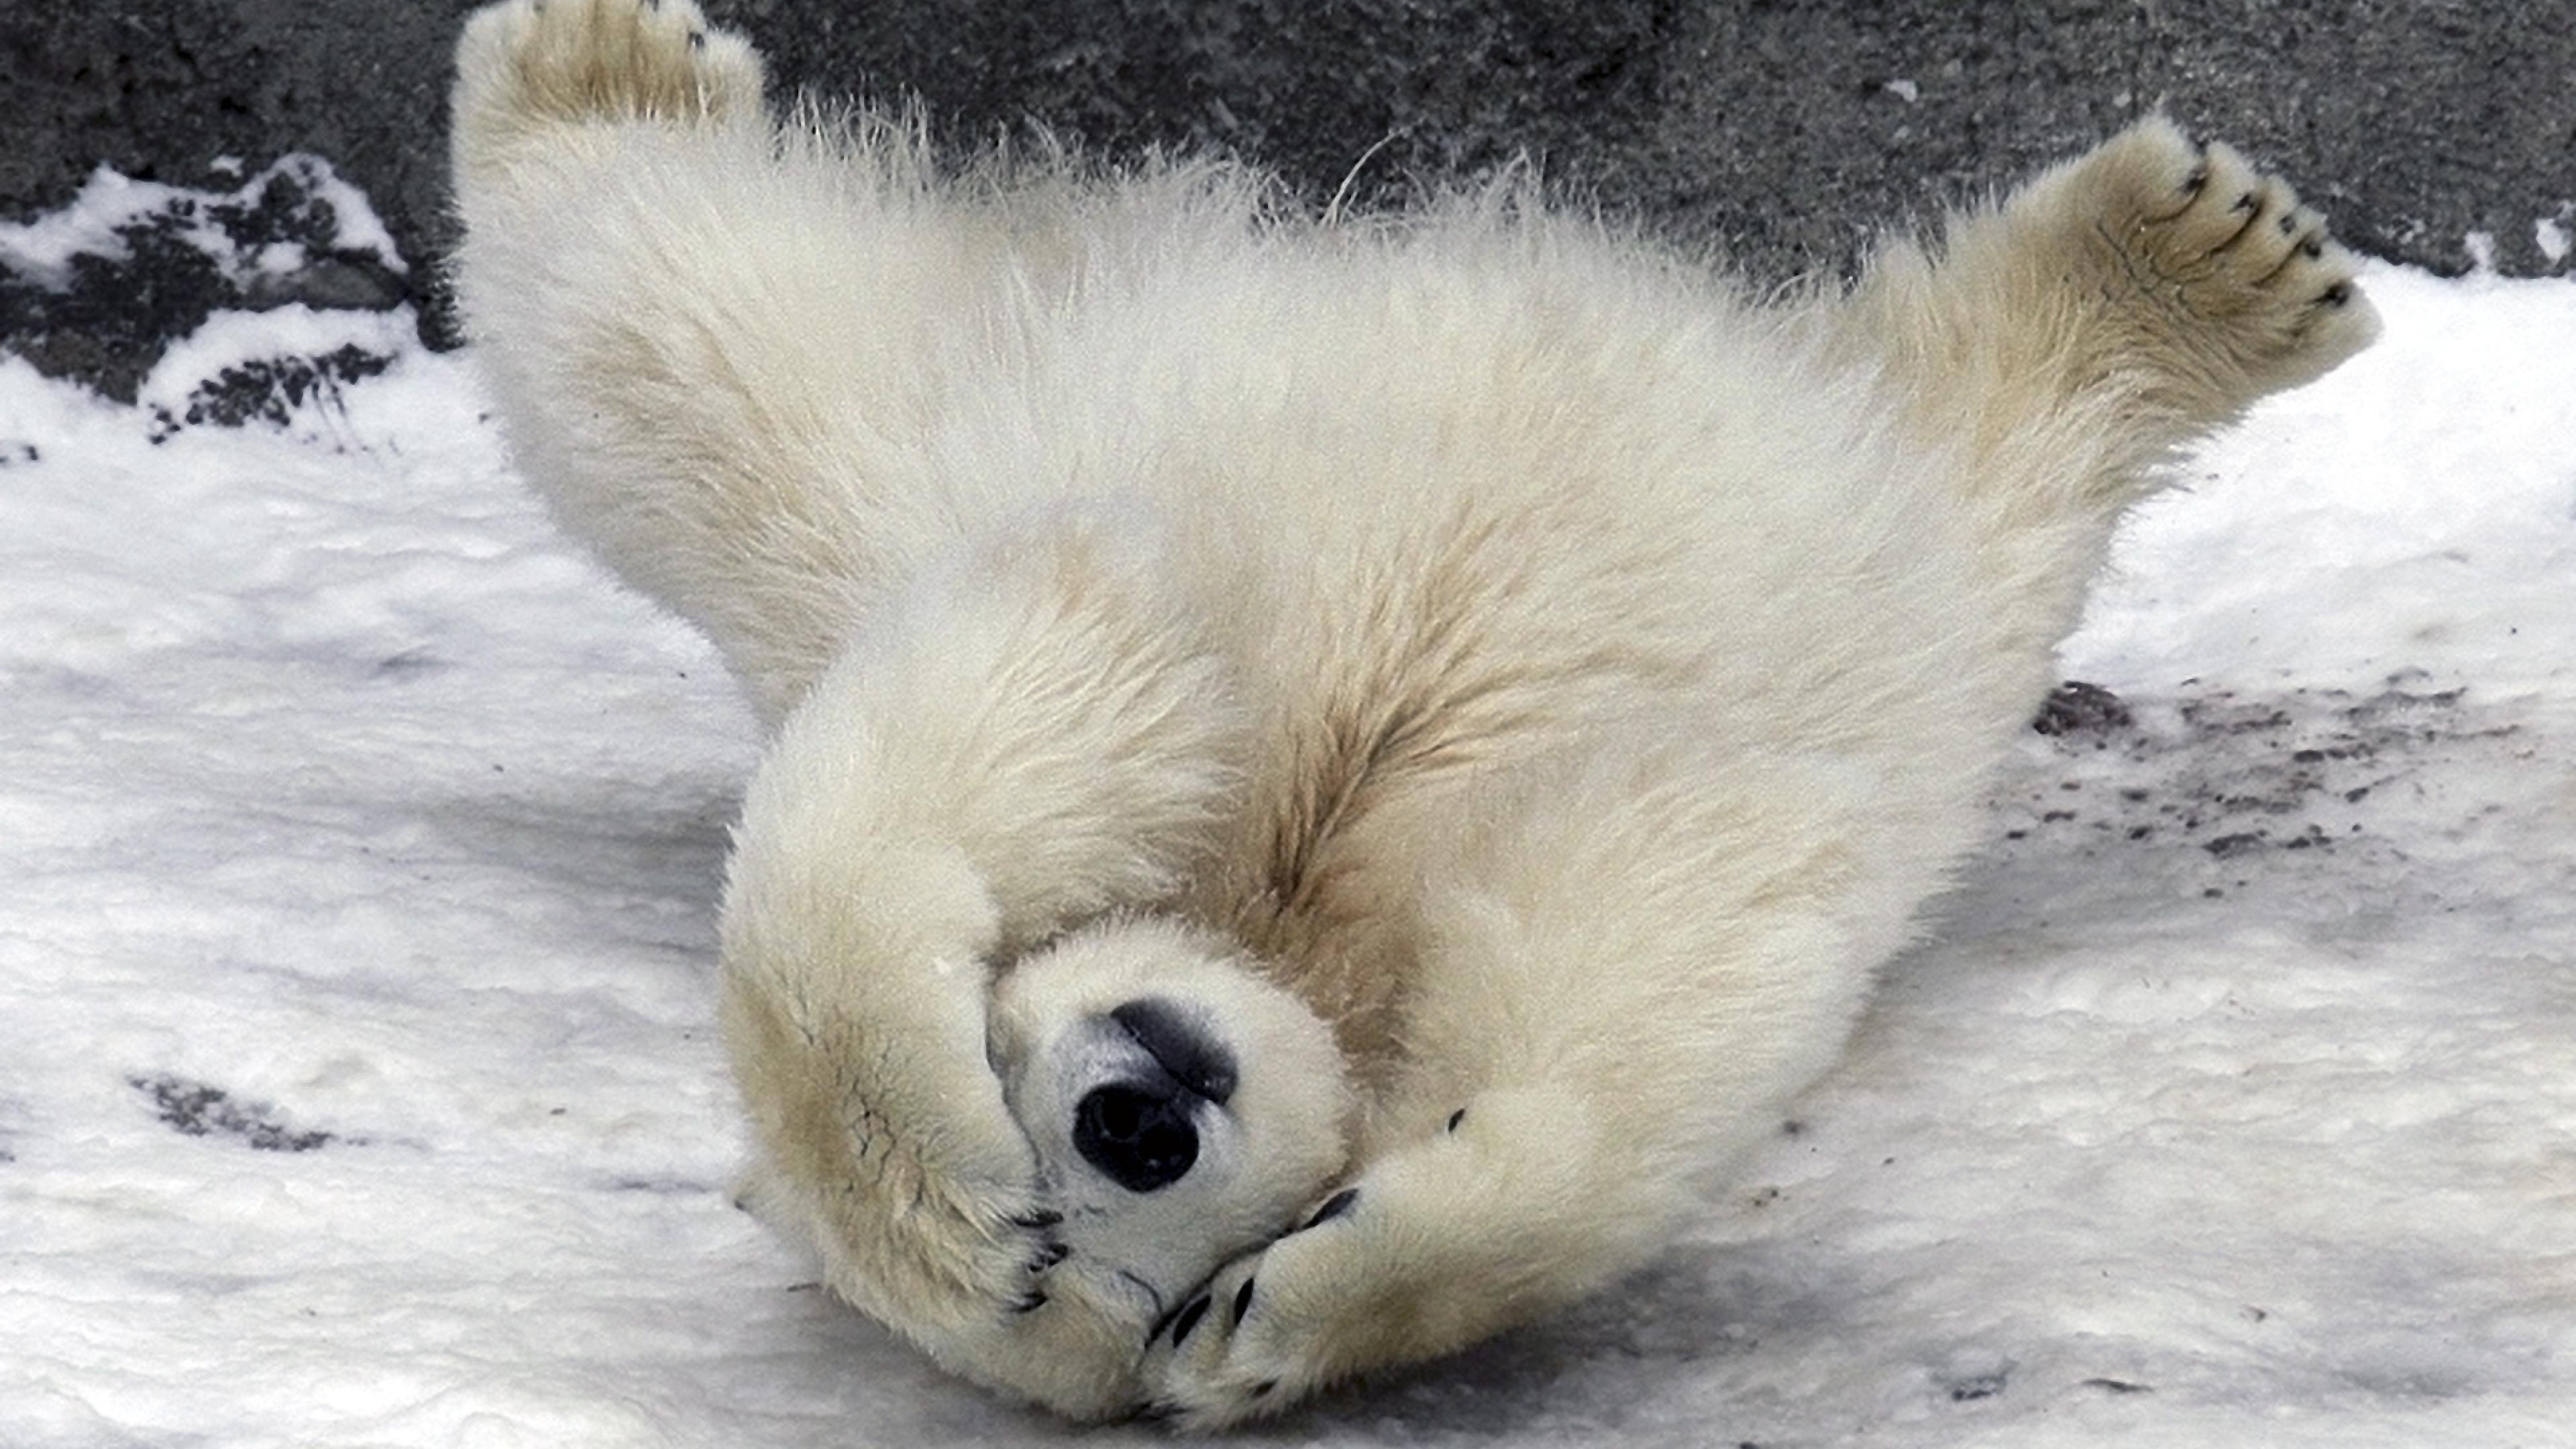 polar_bear_wool_fur_down_snow_ultra_3840x2160_hd-wallpaper-50677